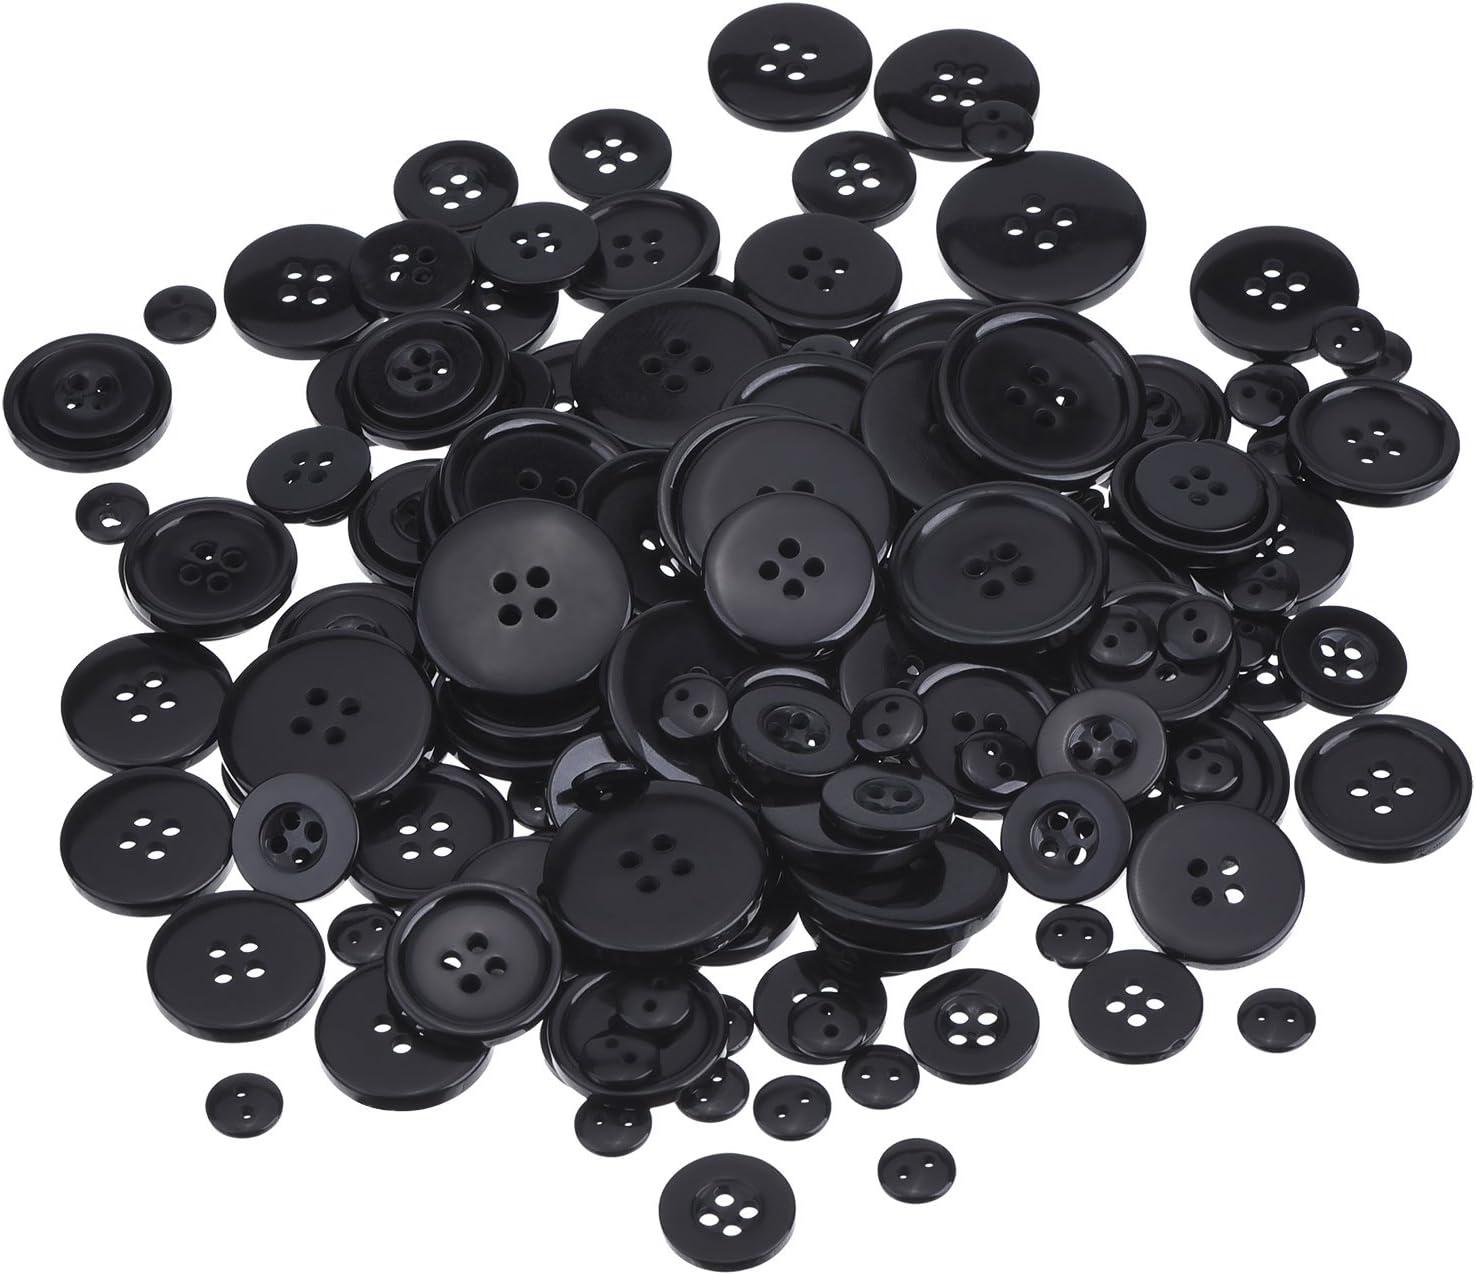 Botones de Resina Negros Juego de Botones Básicos para Costura, Scrapbooking y Adornos de Manualidades, Tamaños Variados, Redondo, 160 Piezas